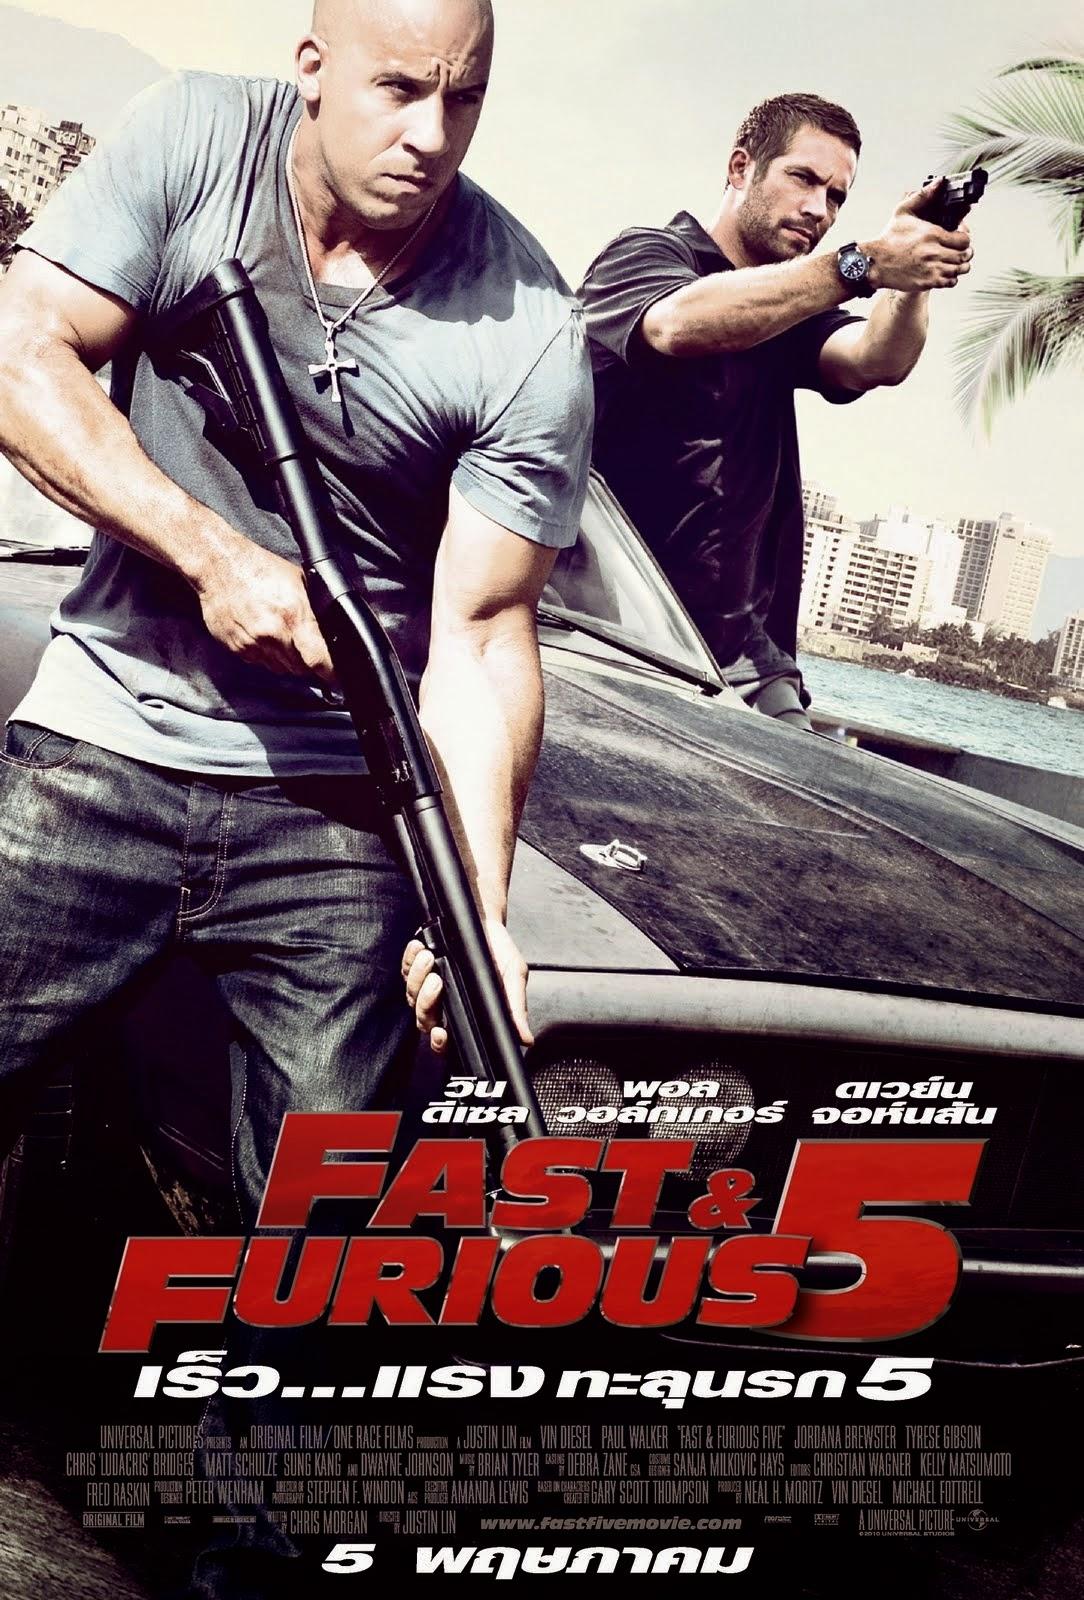 ดูหนังออนไลน์ เรื่อง : Fast and Furious 5 เร็ว…แรงทะลุนรก 5 [HD]